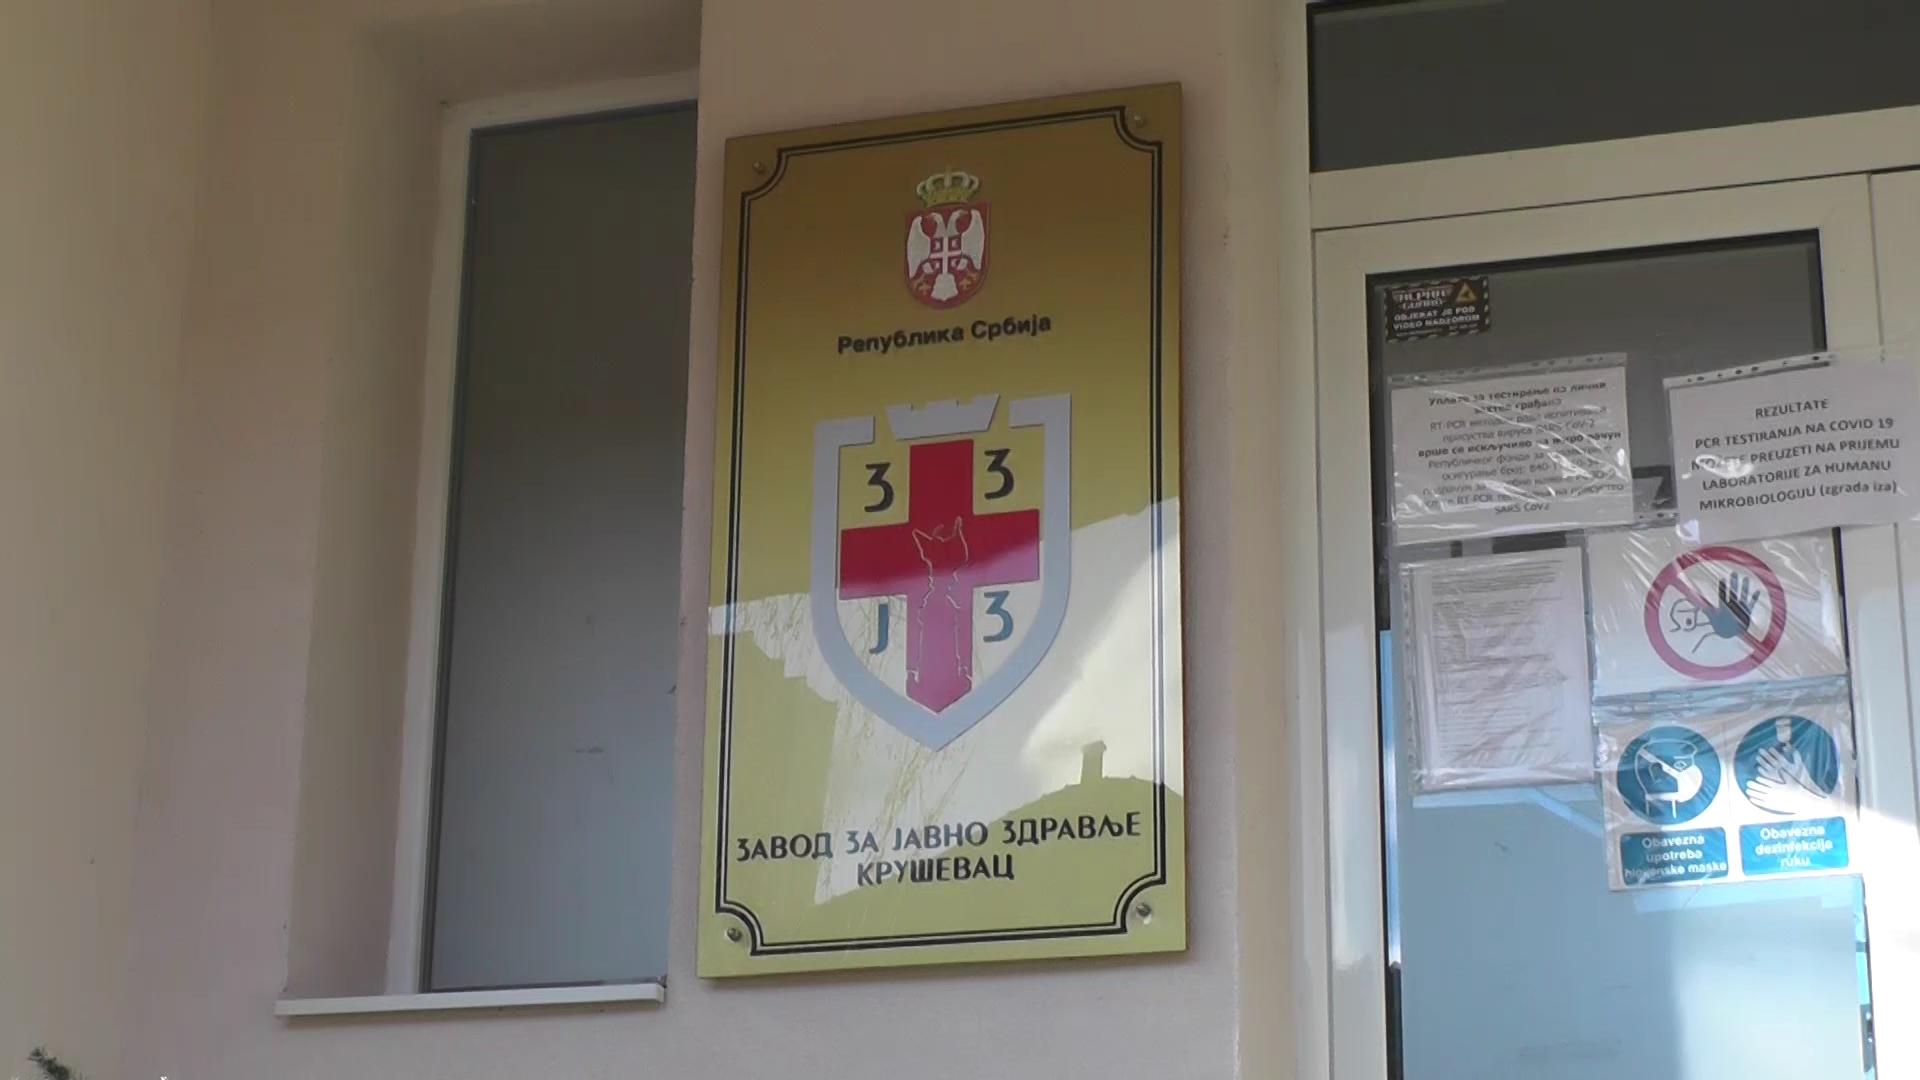 U Rasinskom okrugu još 36 novih slučajeva KOVIDA-19, u Kruševcu 17